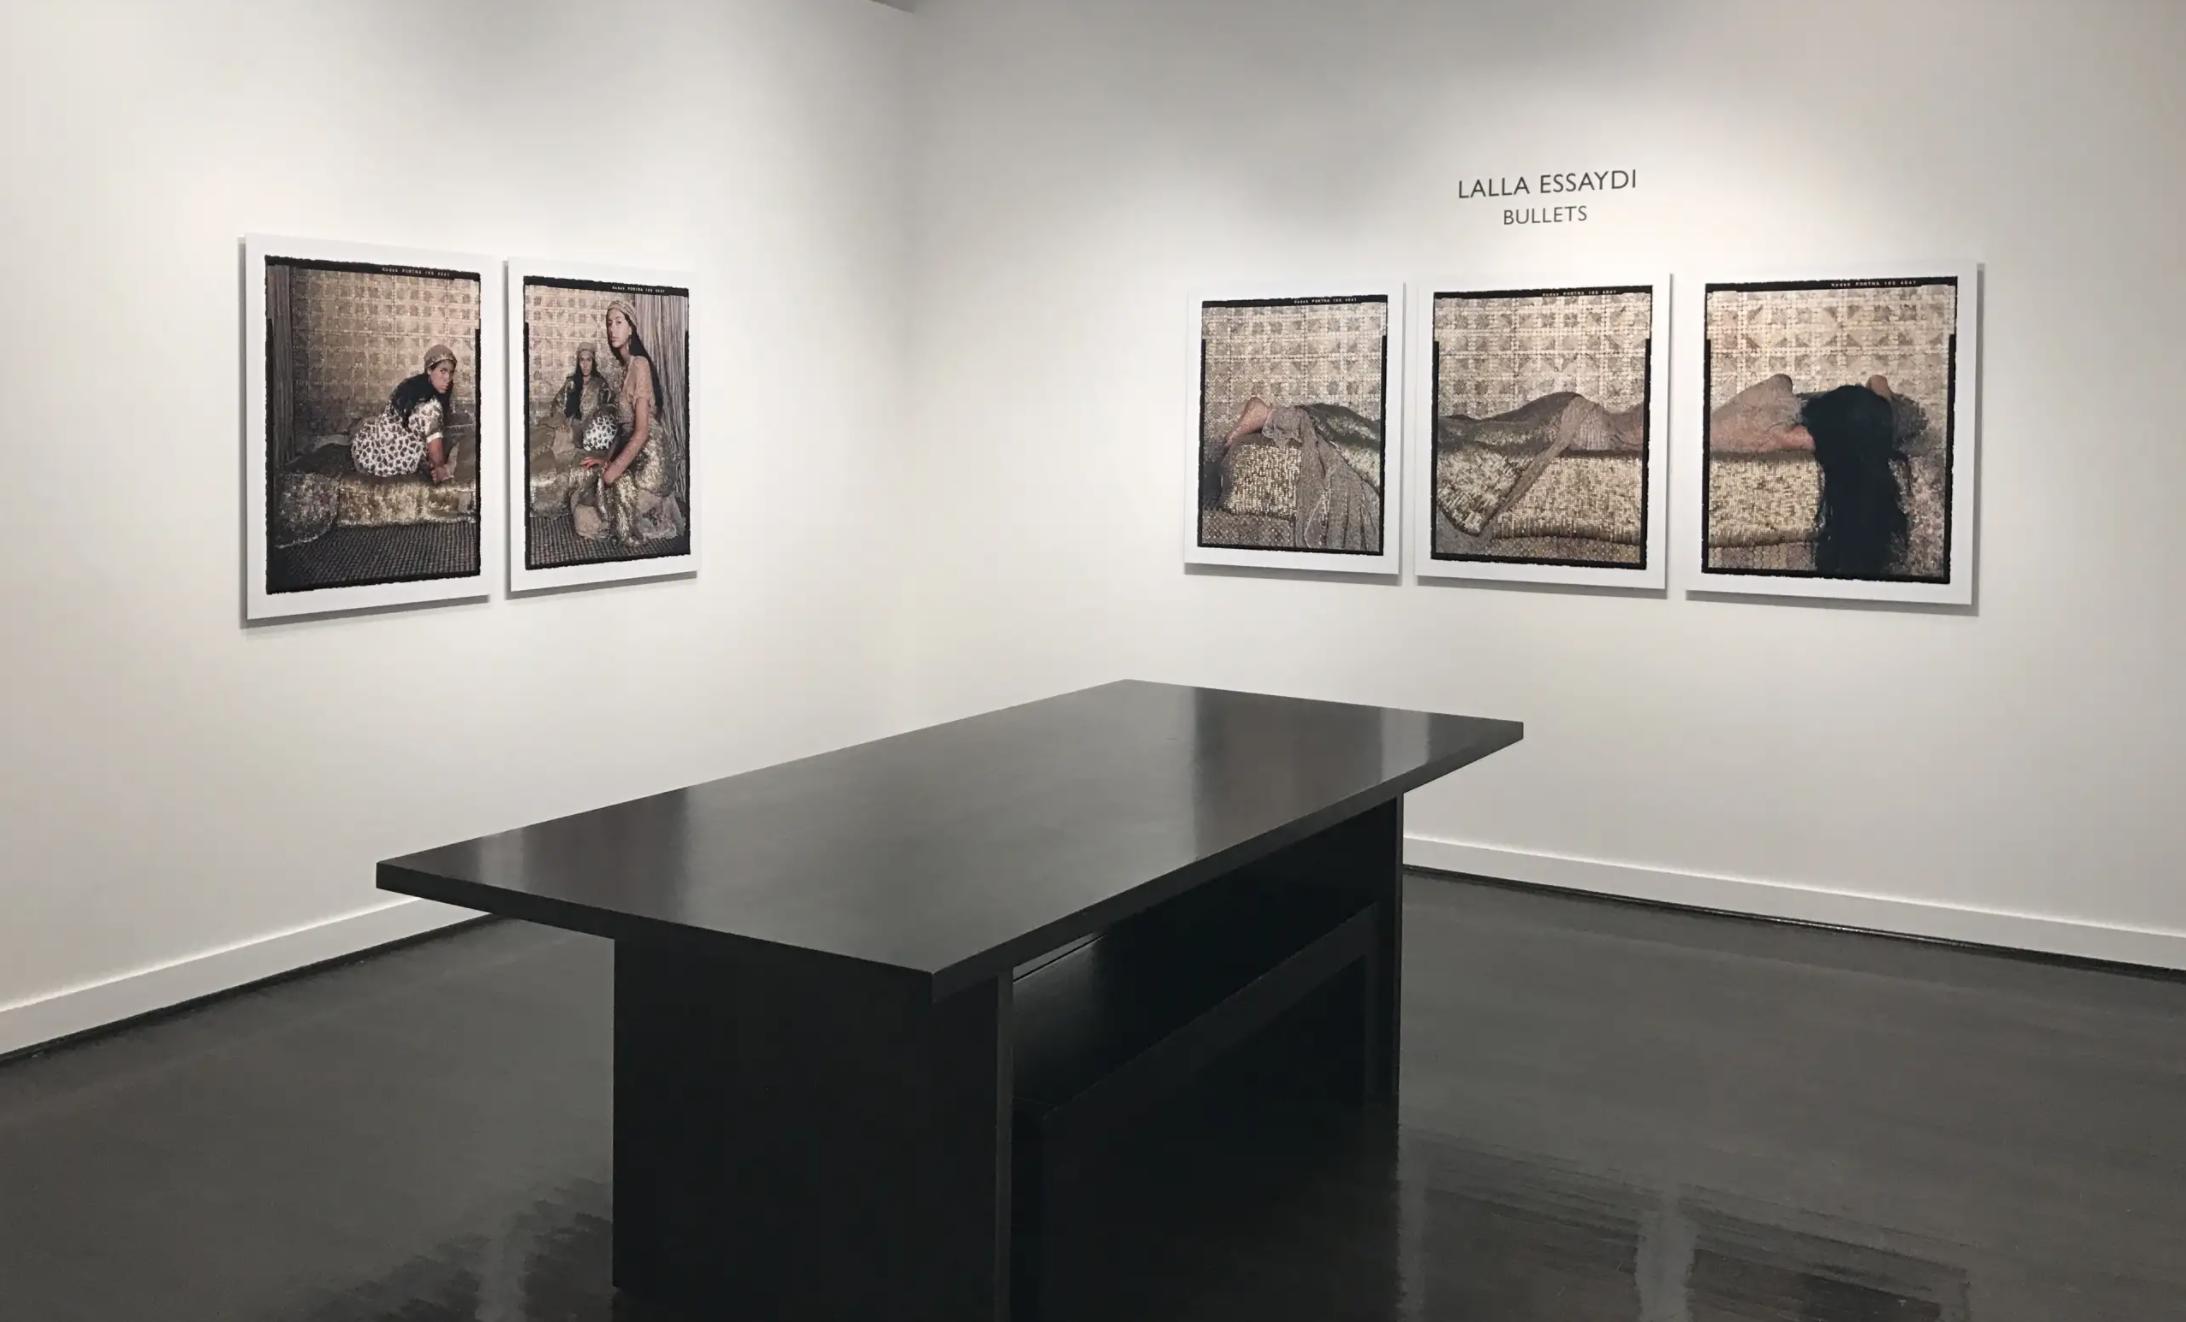 Exposition artistique de la collection Bullets de Lalla Essaydi dans la galerie d'art Jackson Fine Art.